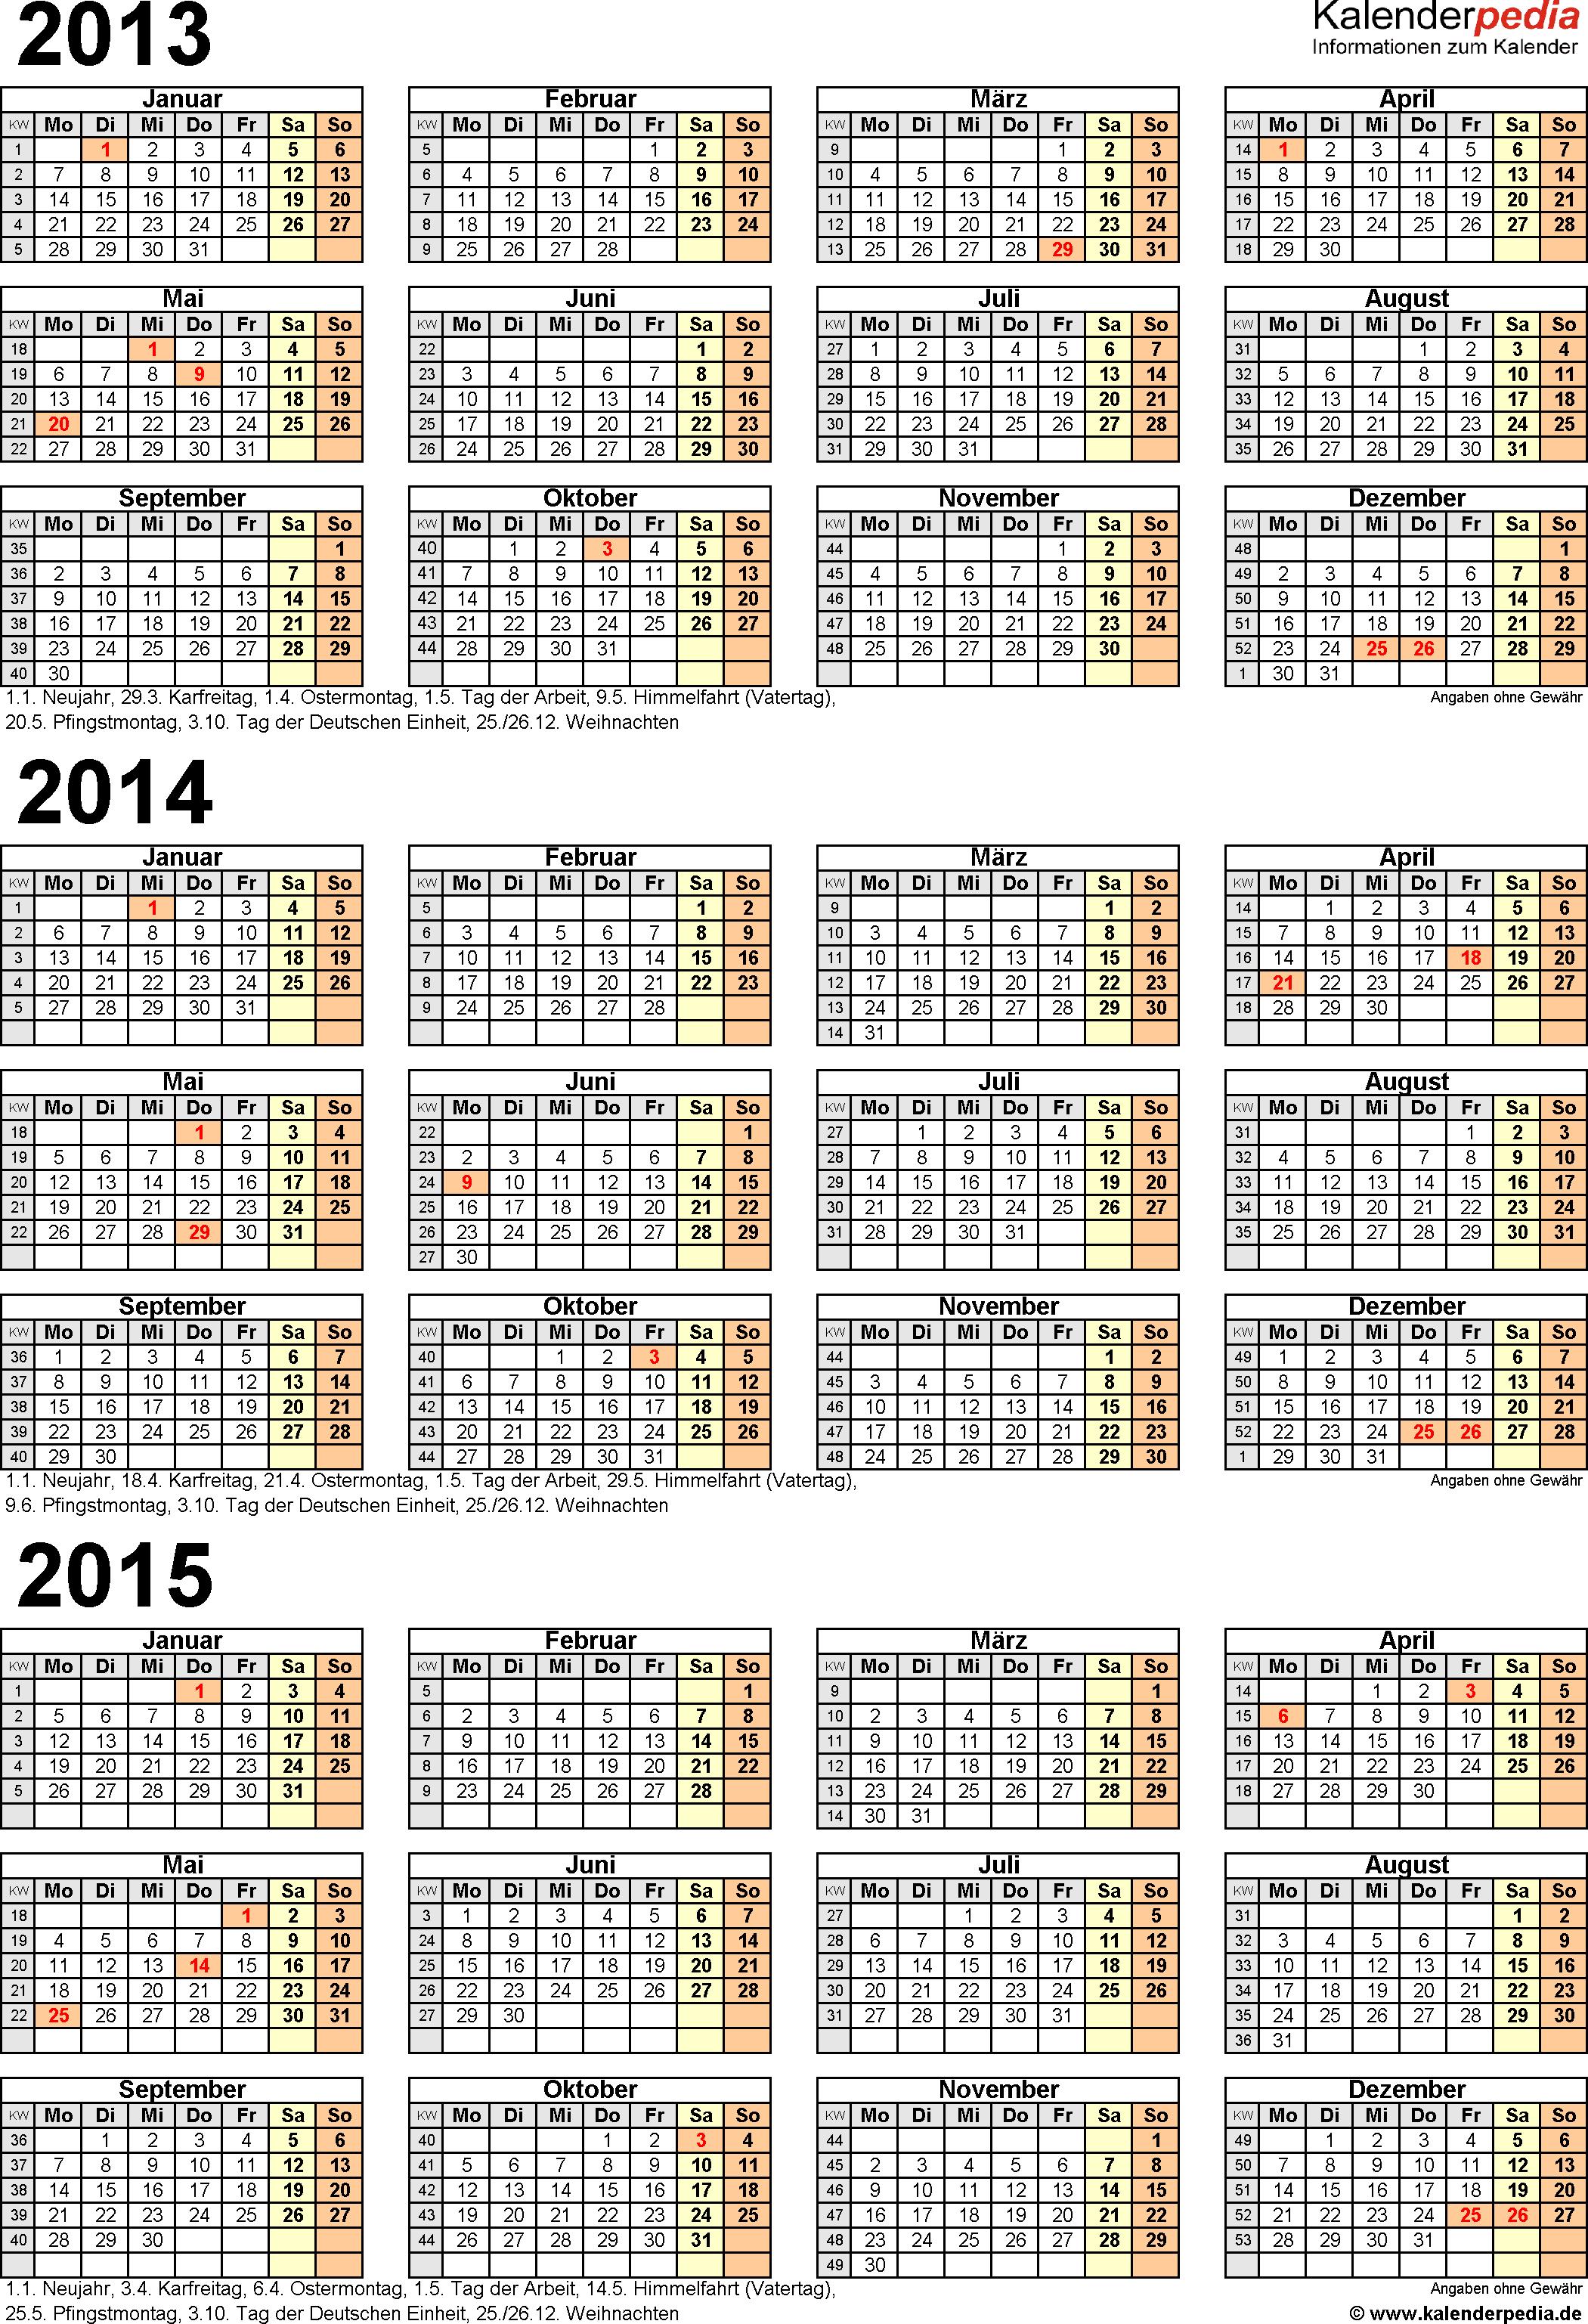 Word-Vorlage für Dreijahreskalender 2013-2015 (Hochformat, 1 Seite)